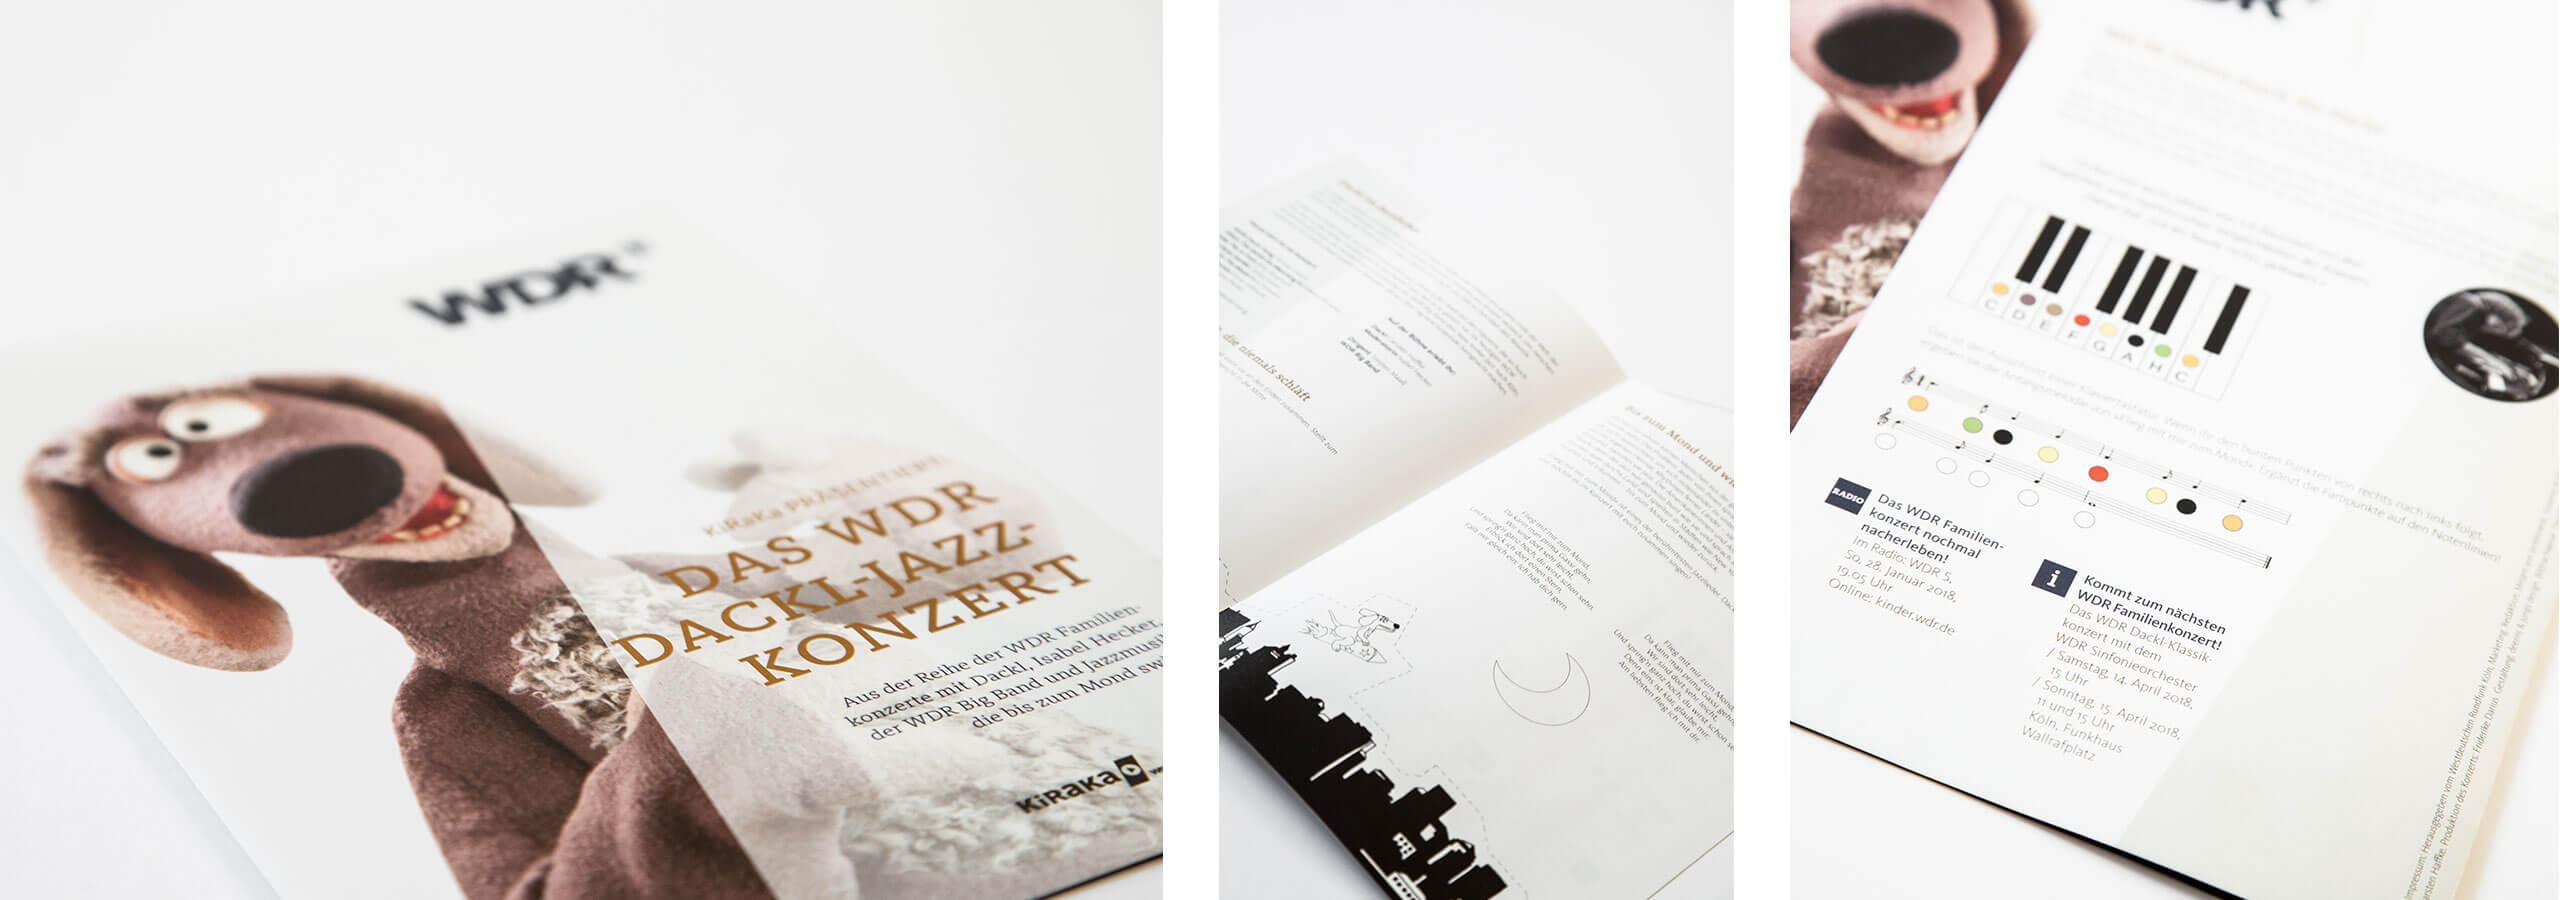 Layout und Gestaltung Programmheft, Unternehmenskommunikation, Print-Design, Design und Gestaltung von deerns und jungs design, Design Agentur Köln